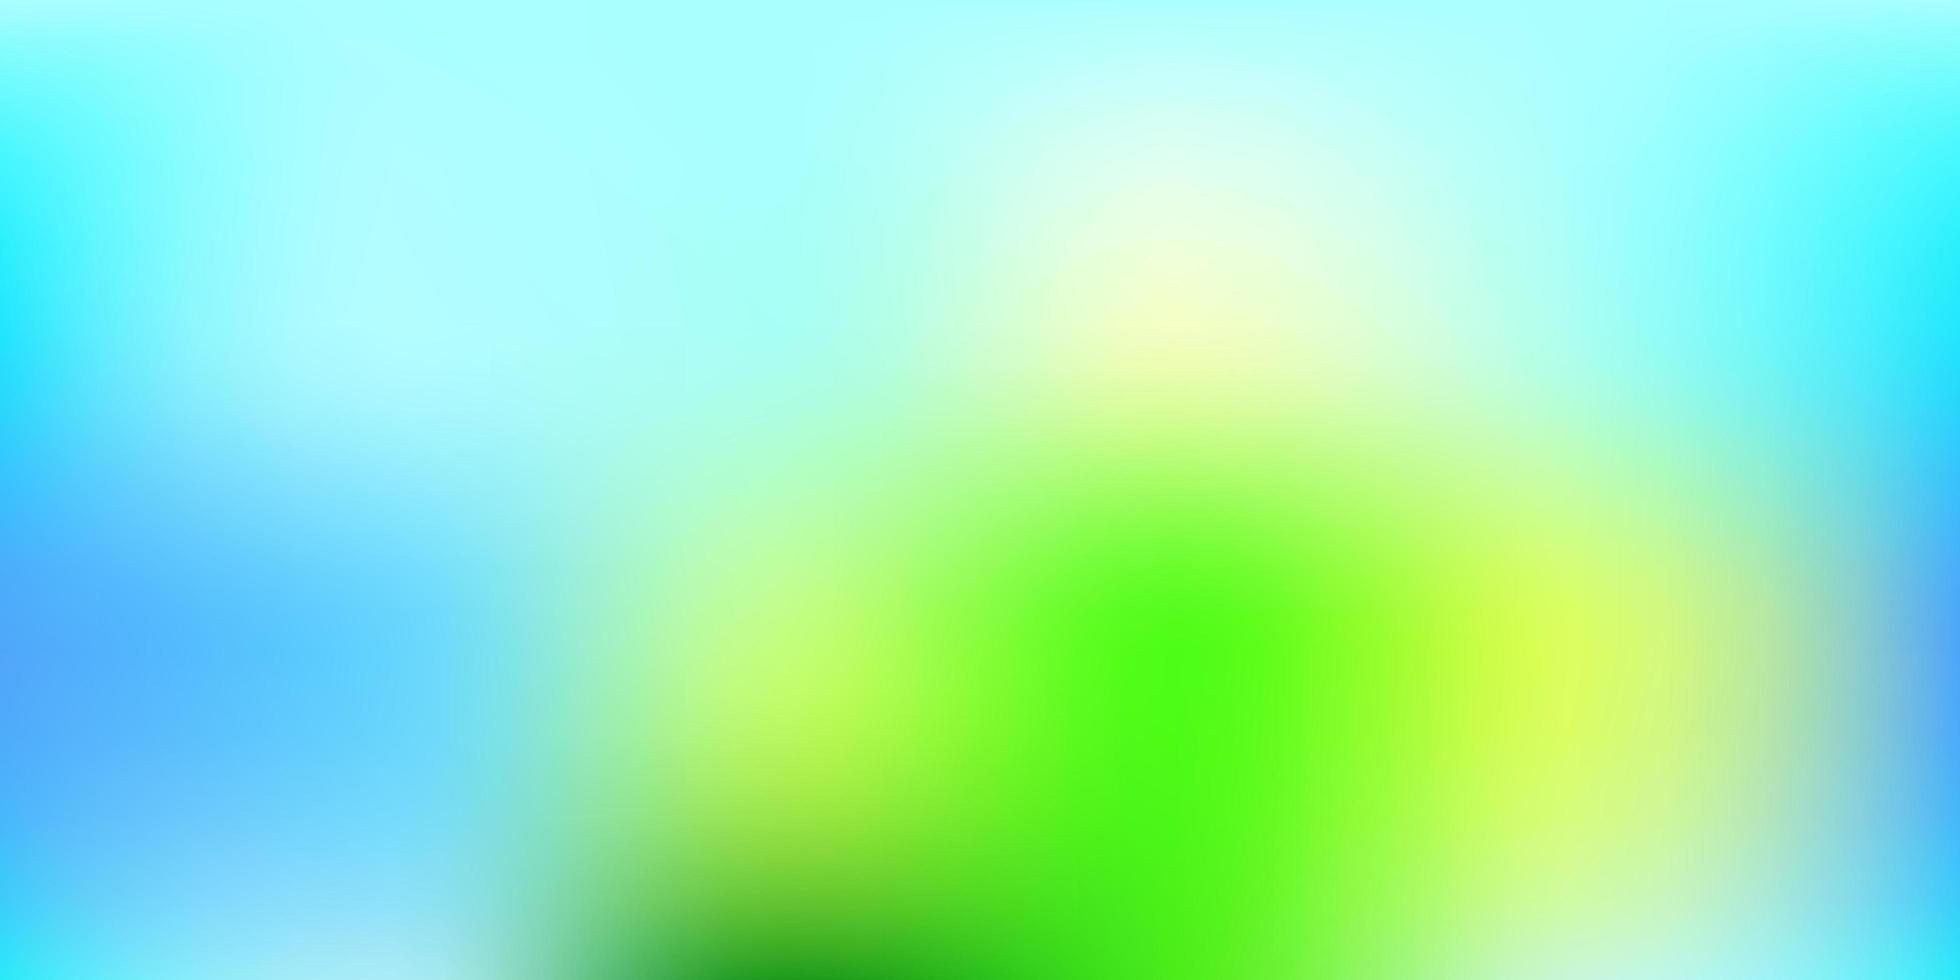 fondo borroso azul claro, verde. vector